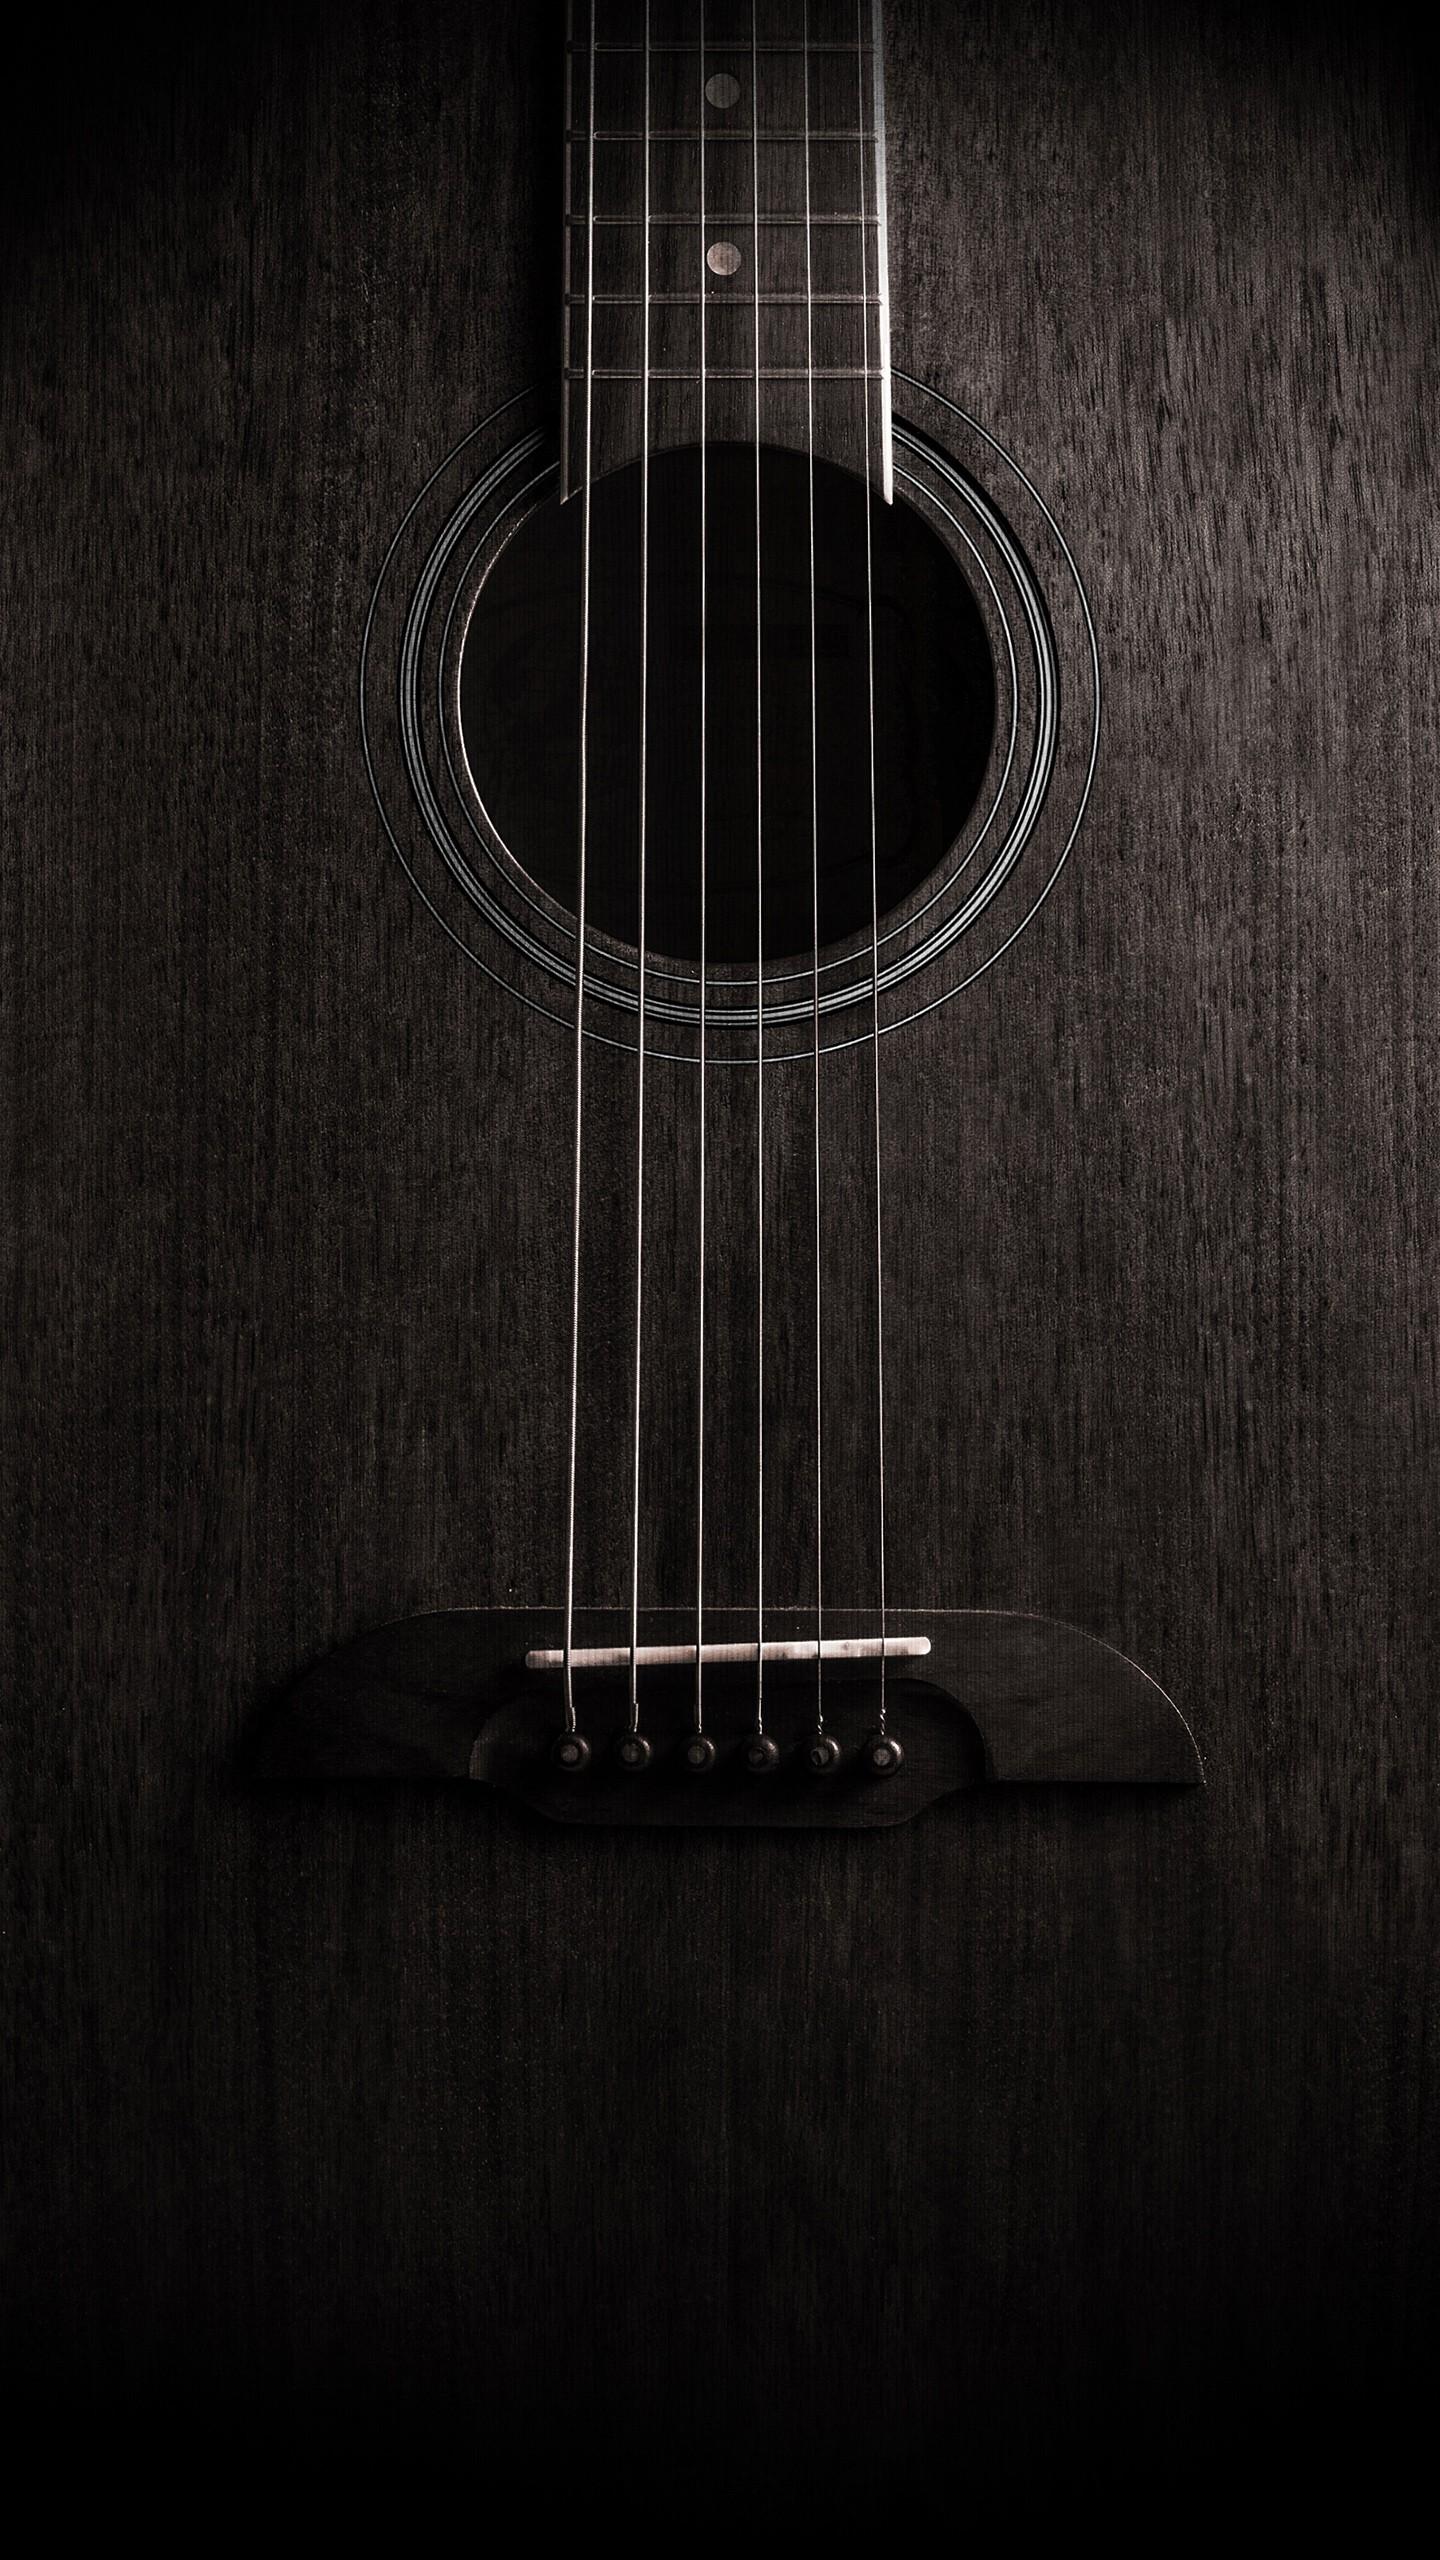 عکس زمینه گیتار با پس زمینه تاریک پس زمینه